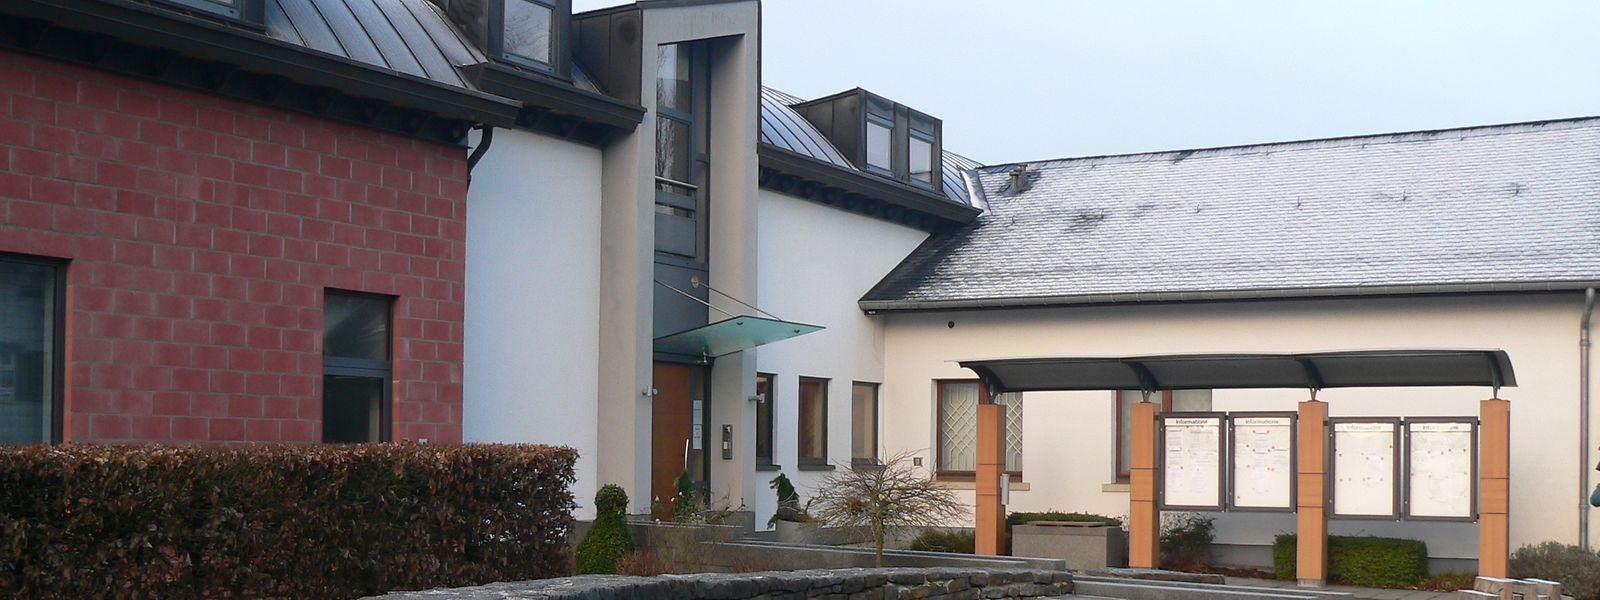 Die Gemeinde Goesdorf geht nach der Abwahl des Schöffenrats wohl politisch unruhigen Zeiten entgegen.